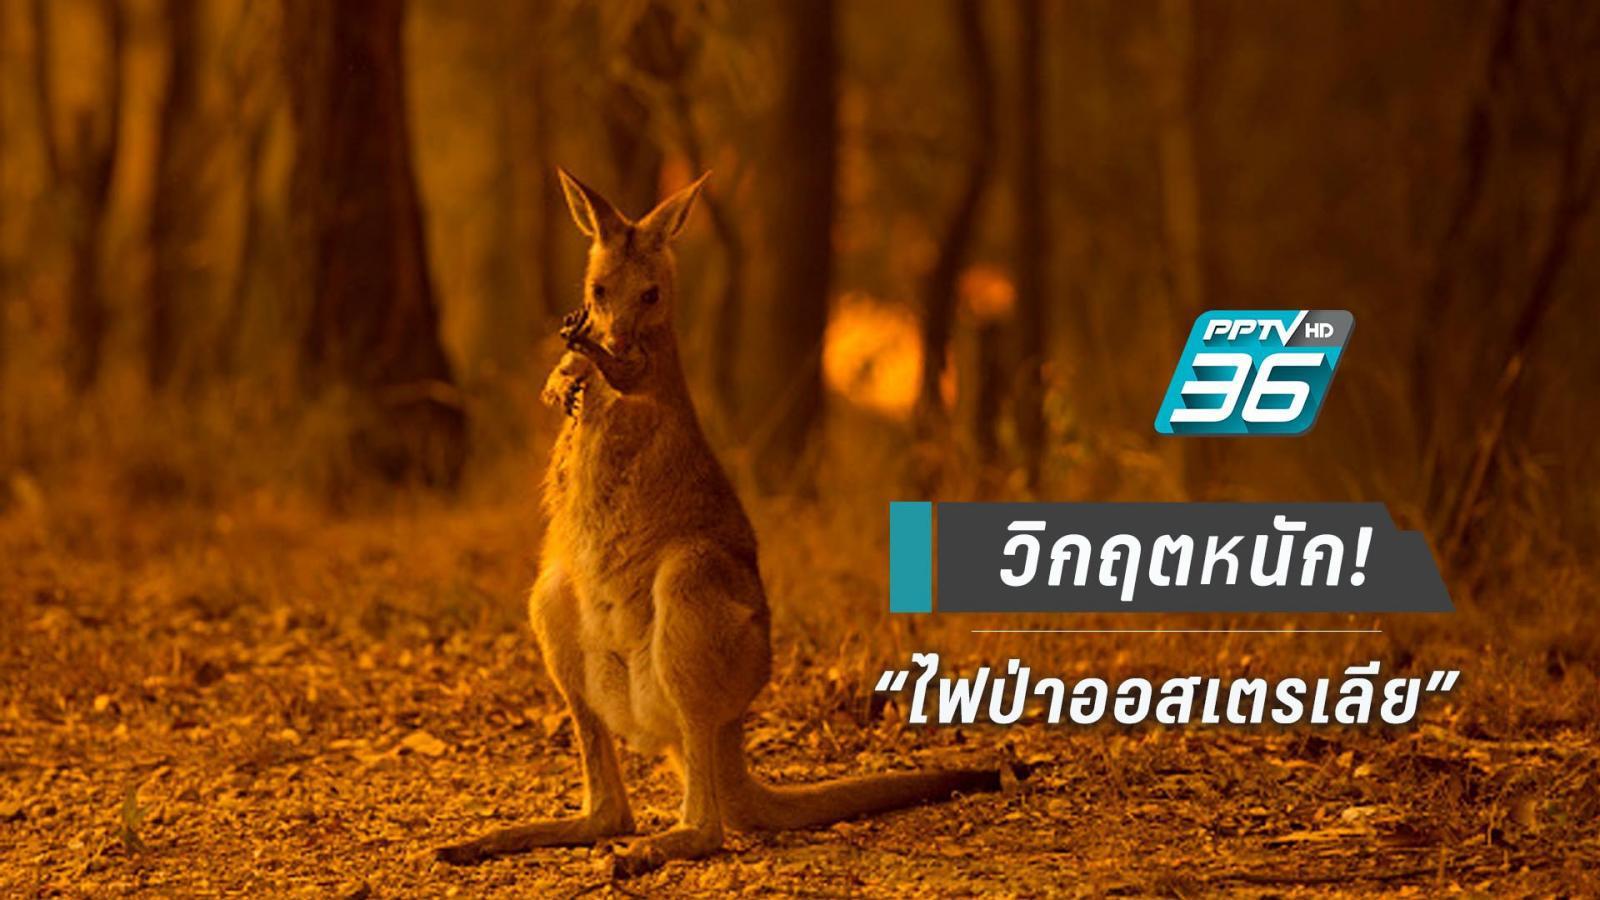 """ความเสียหาย """"ไฟป่าออสเตรเลีย"""" คร่าชีวิตสัตว์ป่าและผู้คน"""